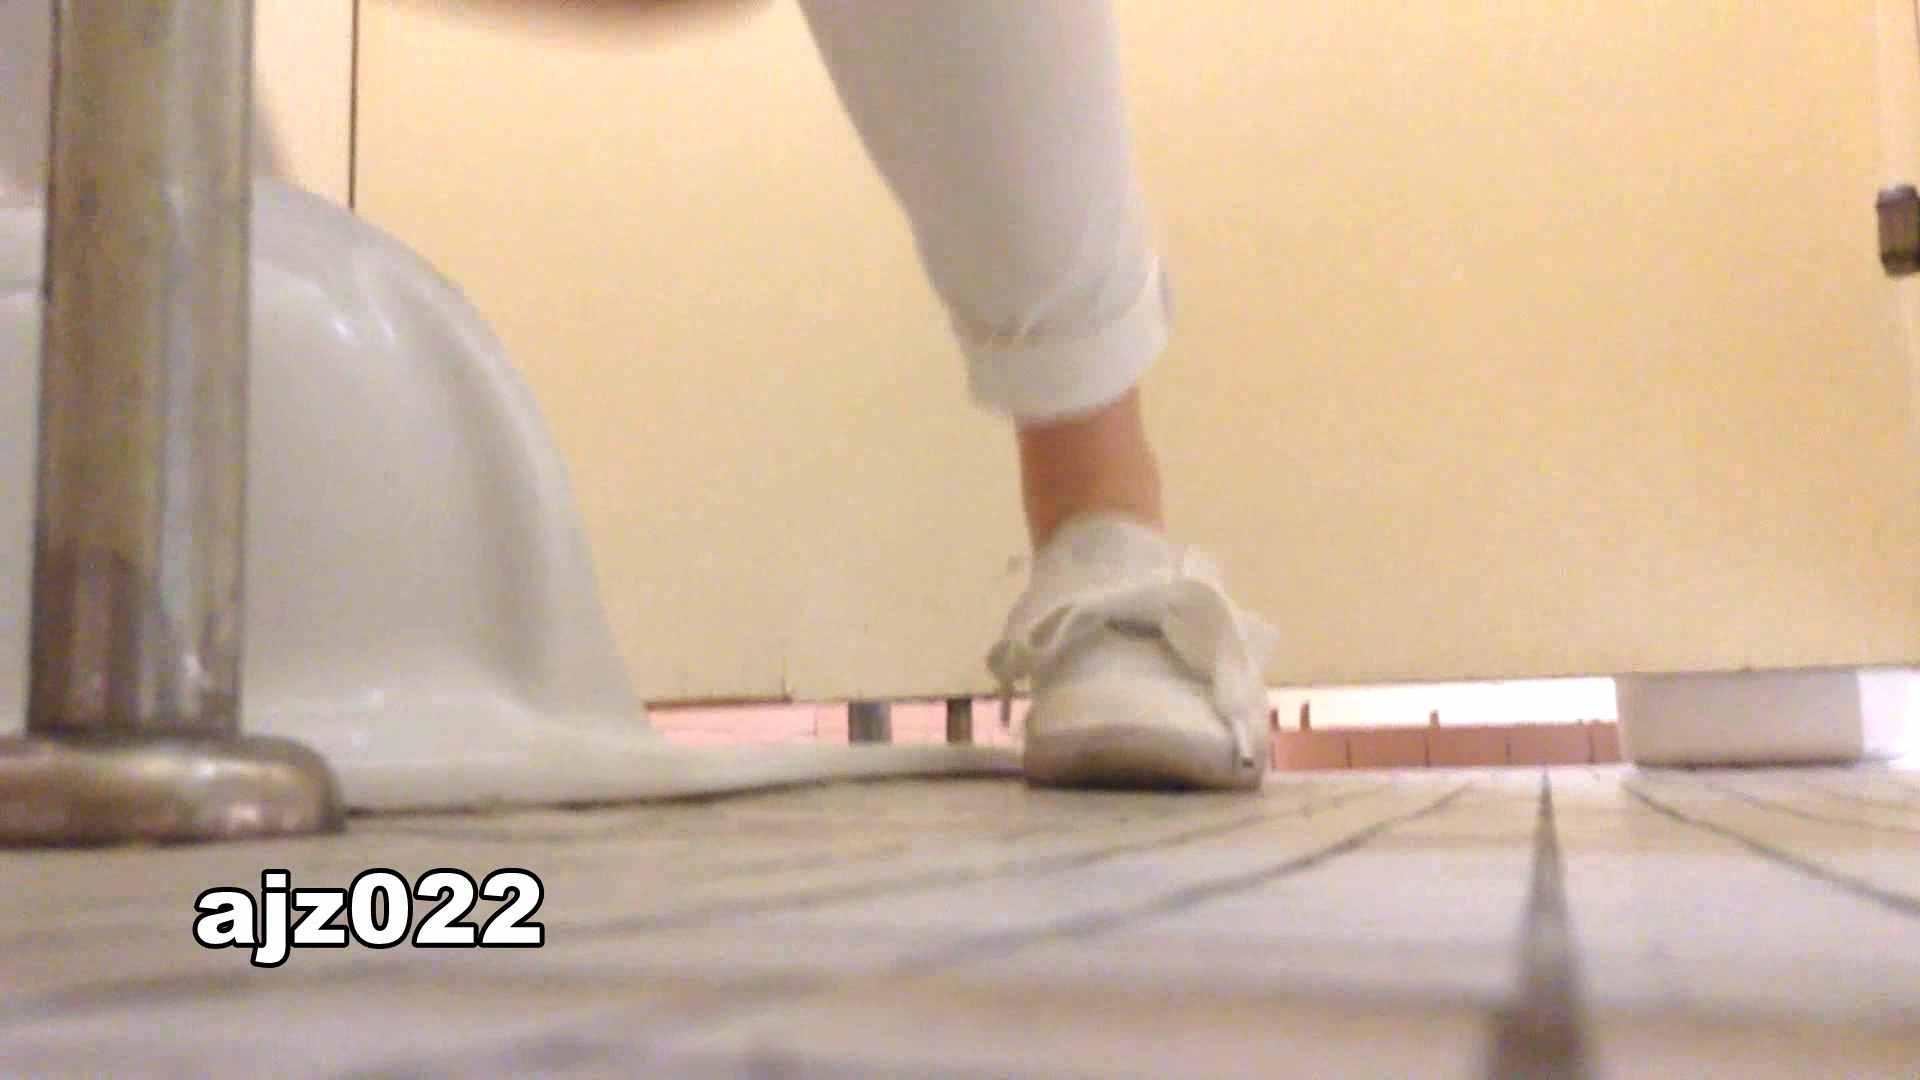 某有名大学女性洗面所 vol.22 排泄 オメコ無修正動画無料 94連発 47